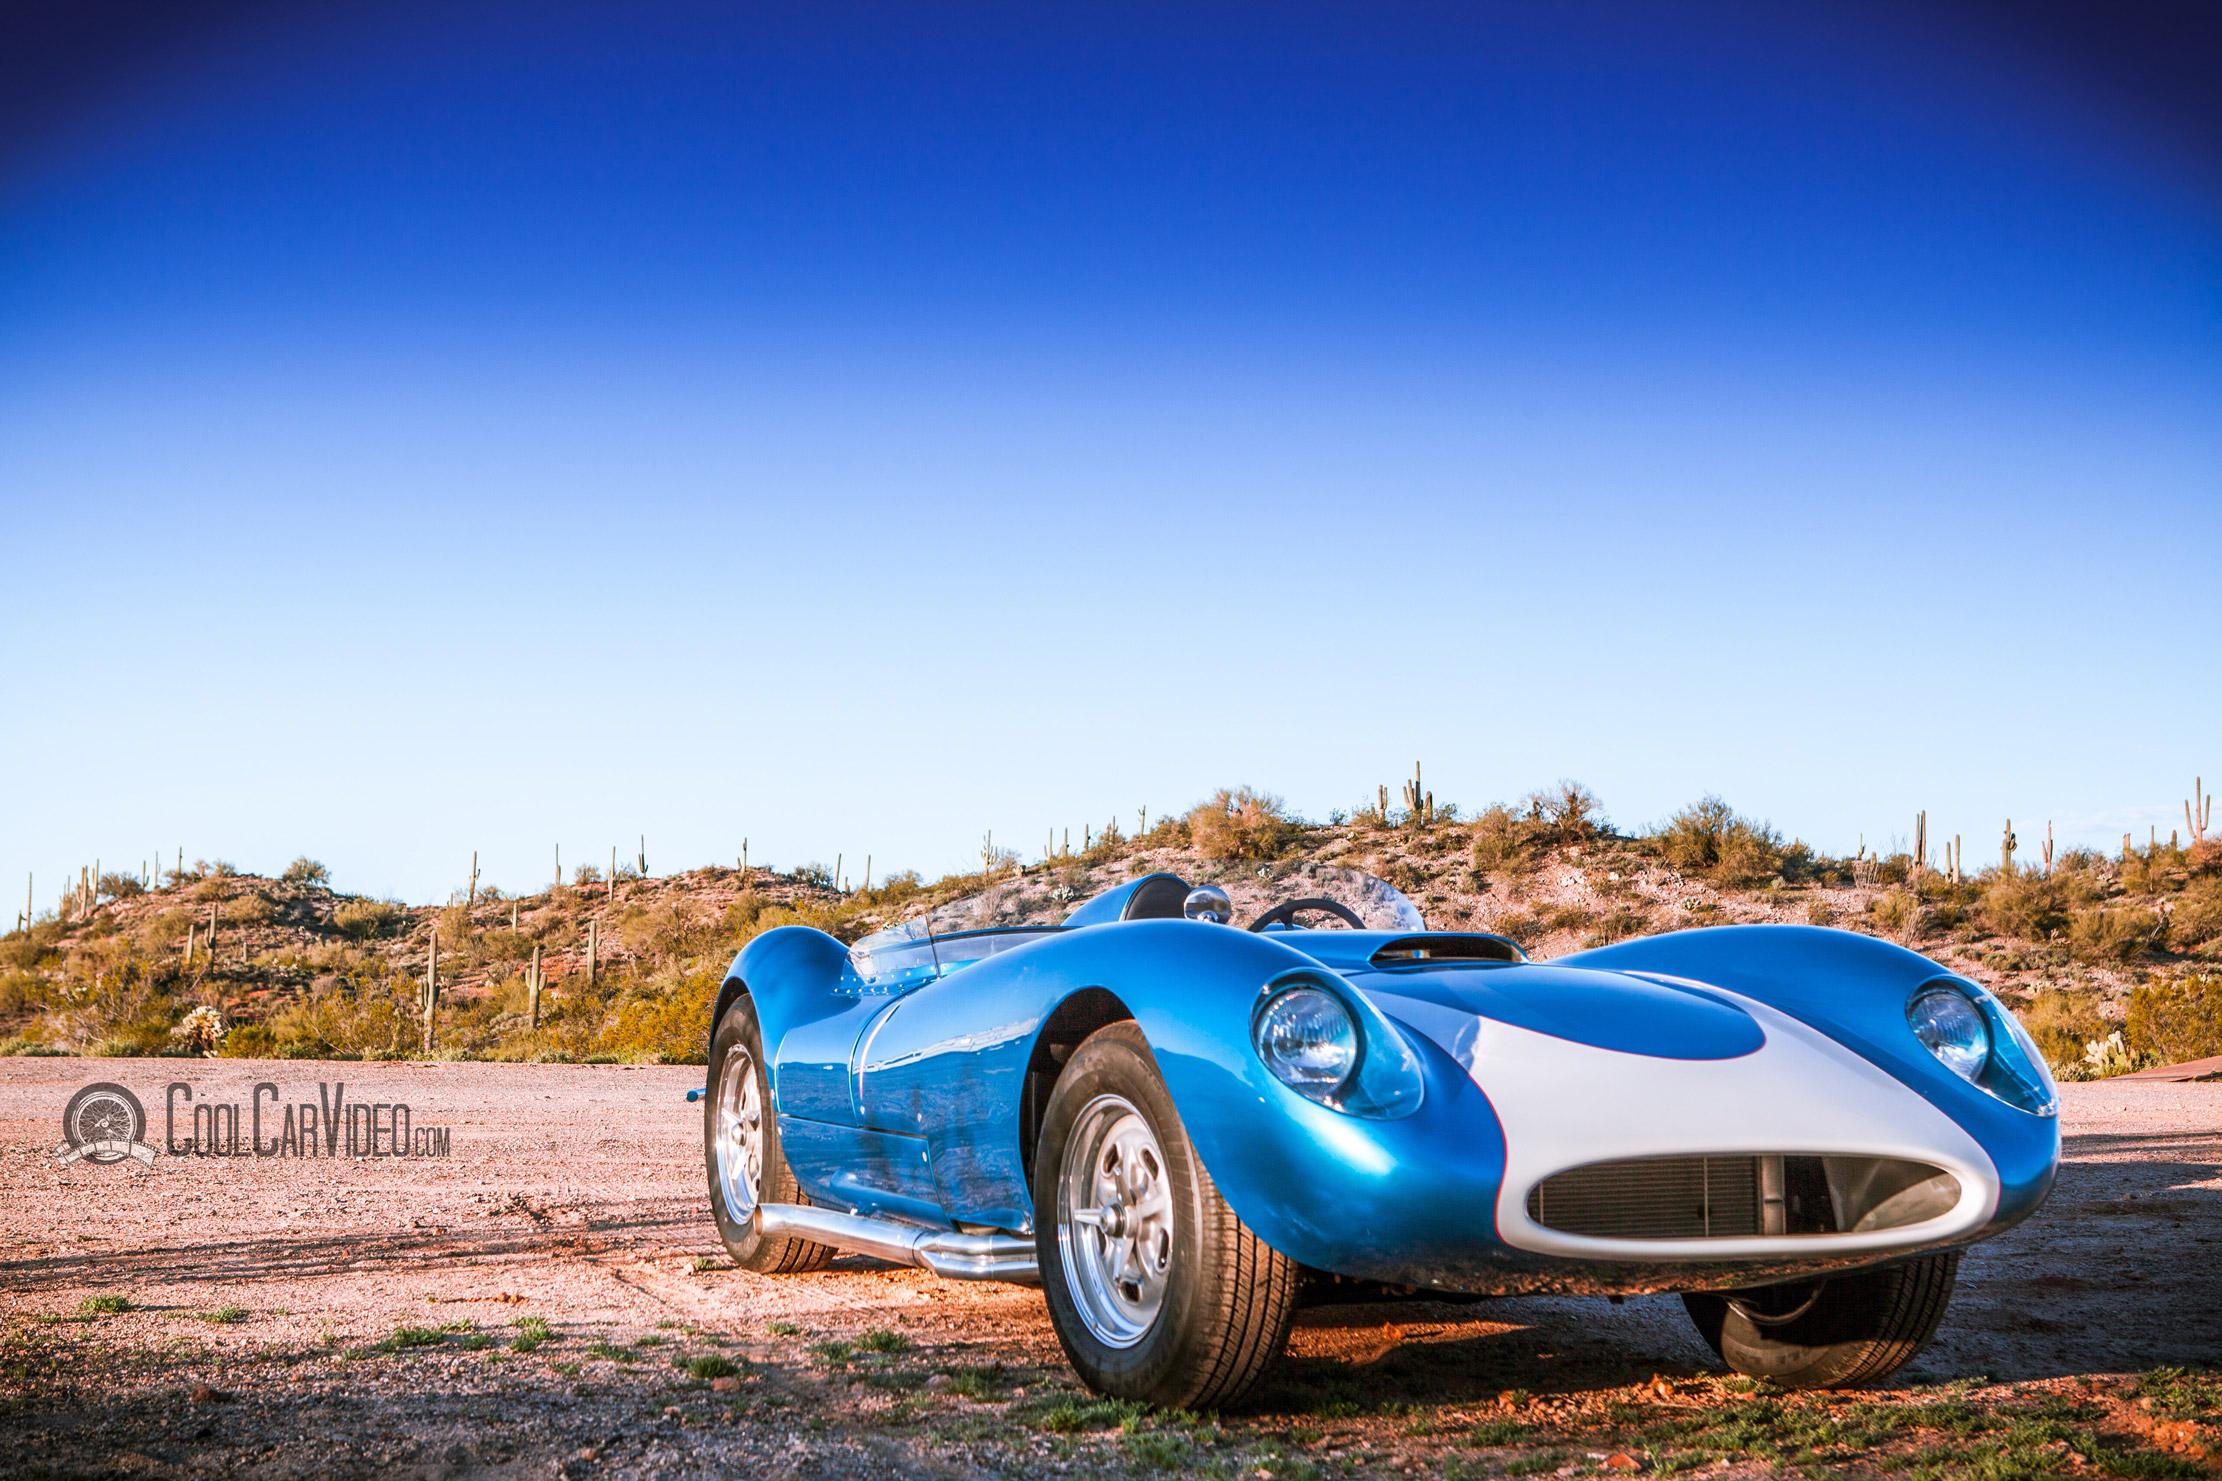 Scrab Car - Vintage Racer